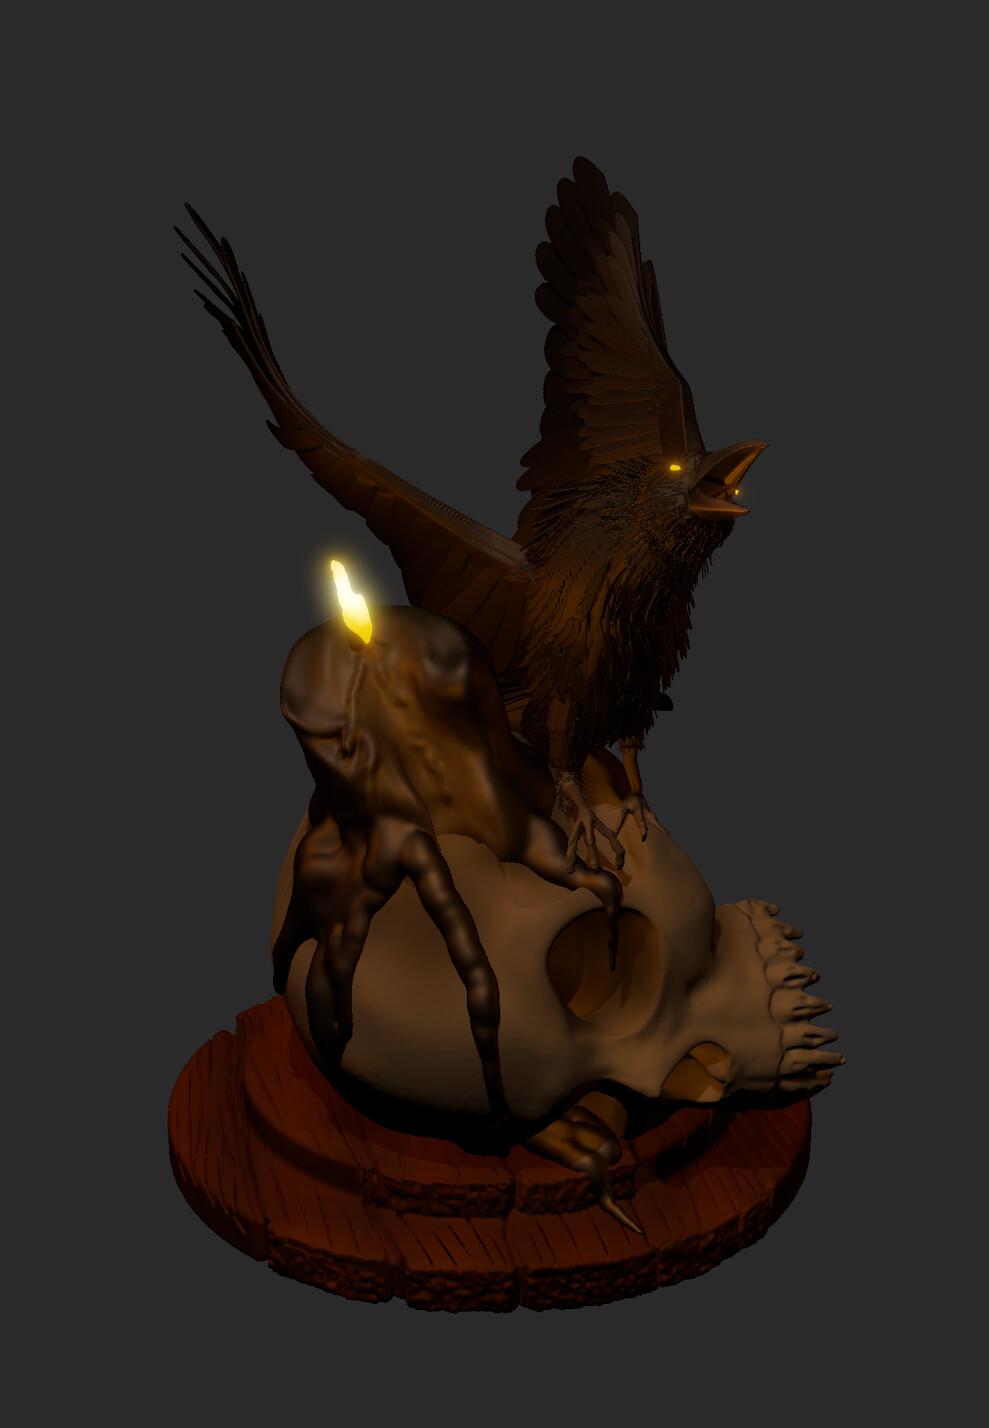 Skull Candle Scene Concept